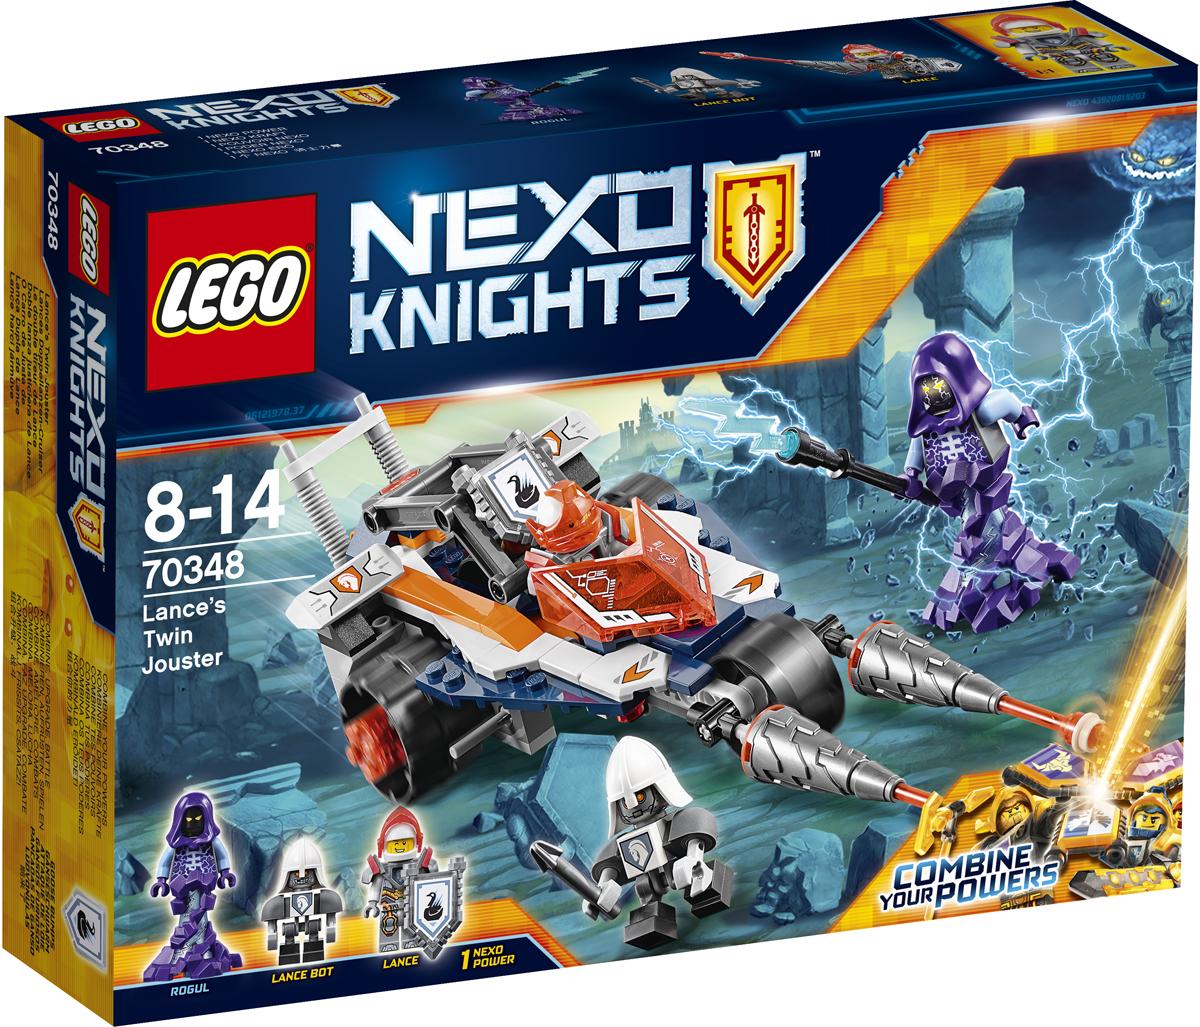 LEGO NEXO KNIGHTS Конструктор Турнирная машина Ланса 7034870348Догоните Рогула на супербыстрой турнирной машине Ланса! Расправьте крылья, летите за убегающим чудовищем и стреляйте манёвренными ракетами. Отсоедините крылья, чтобы освободить бота Ланса с реактивным ранцем, а потом приземляйтесь, чтобы сделать погоню, которую устроили рыцари LEGO NEXO KNIGHTS™, ещё более захватывающей. Набор включает в себя 216 разноцветных элементов, 3 минифигурки и щит для сканирования. Конструктор - это один из самых увлекательных и веселых способов времяпрепровождения. Ребенок сможет часами играть с конструктором, придумывая различные ситуации и истории.